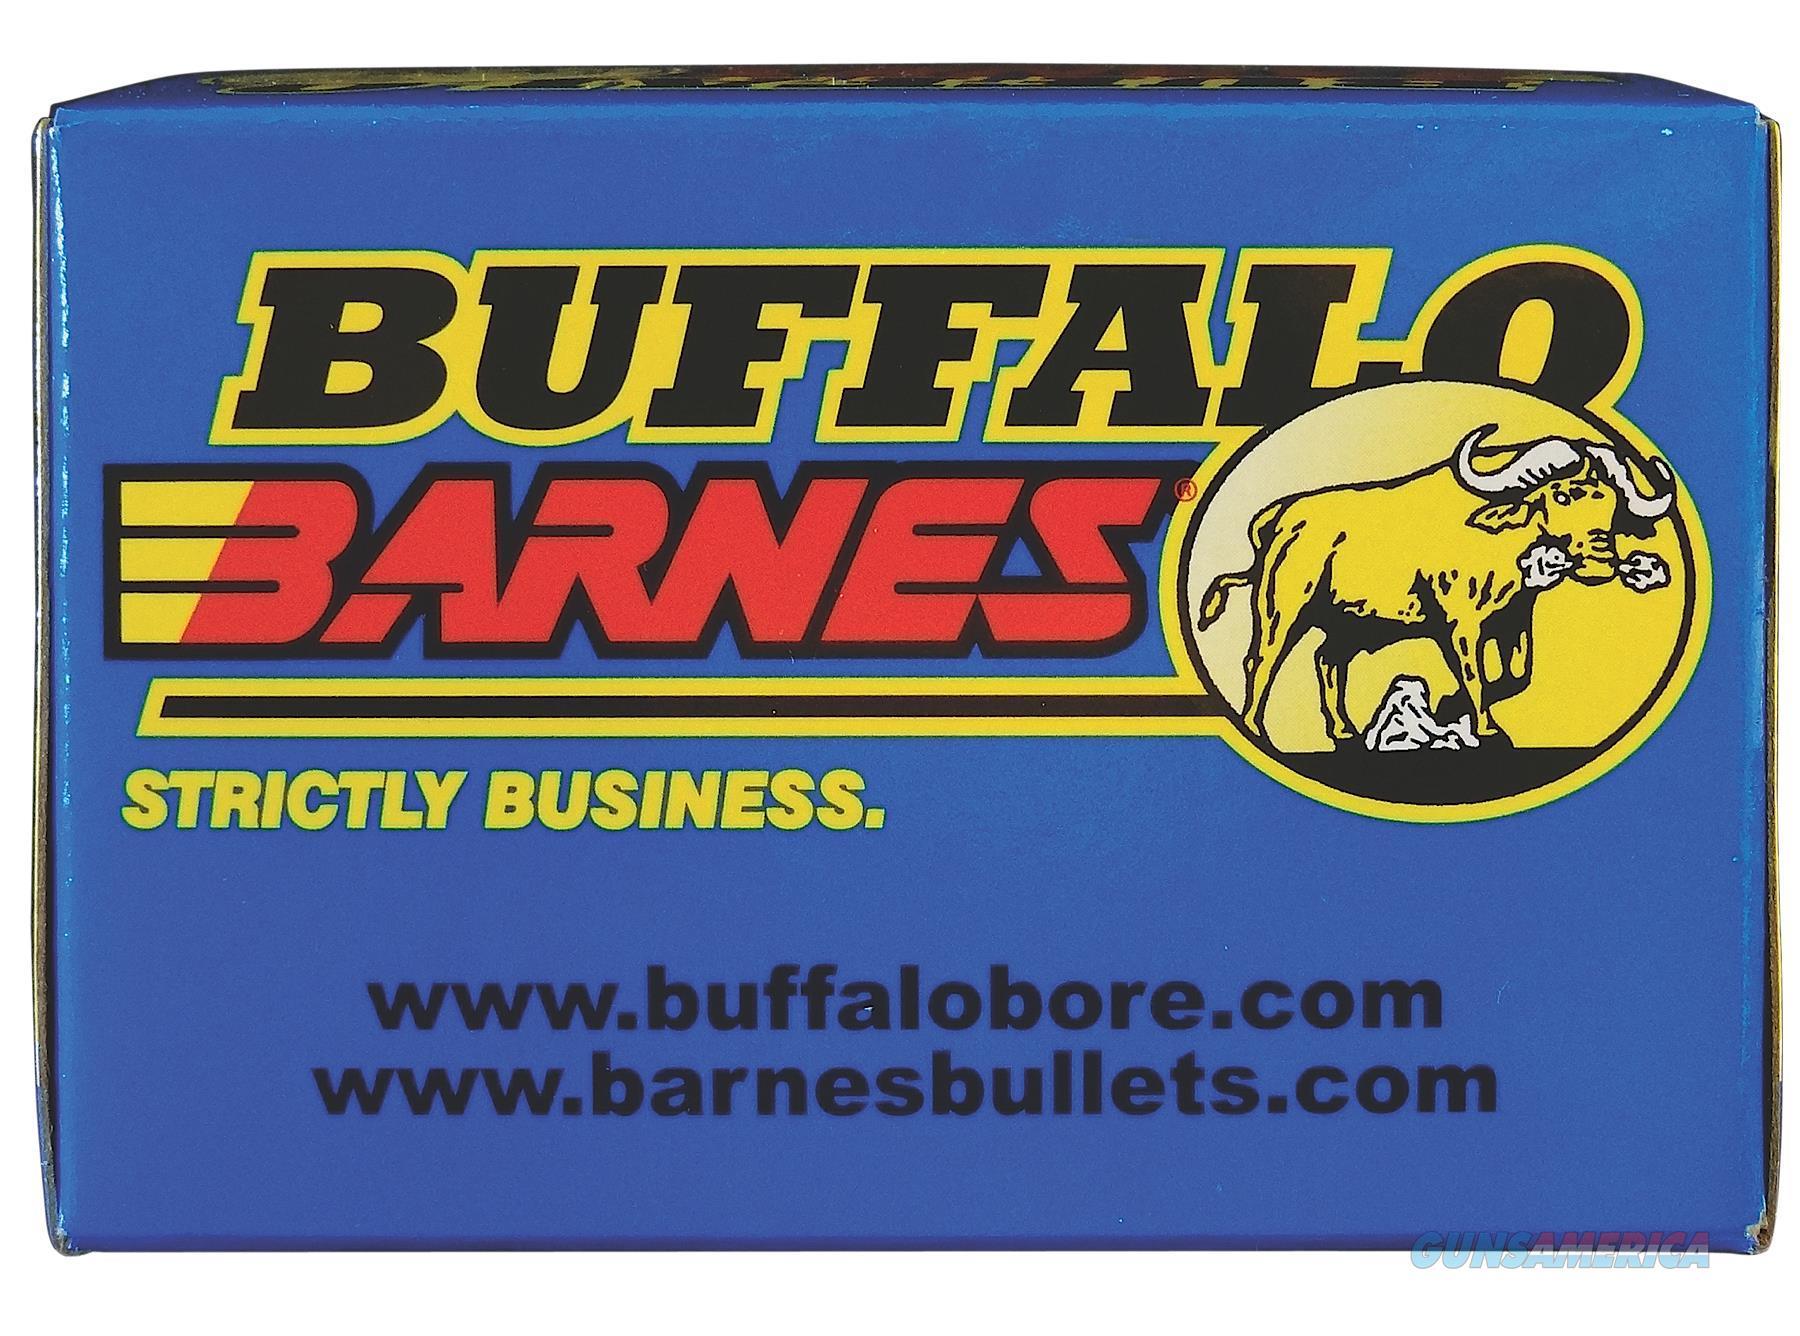 Buffalo Bore Ammo 54C/20 Rifle 375 H&H Mag Barnes Tsx 270 Gr 20Box/12Case 54C/20  Non-Guns > Ammunition